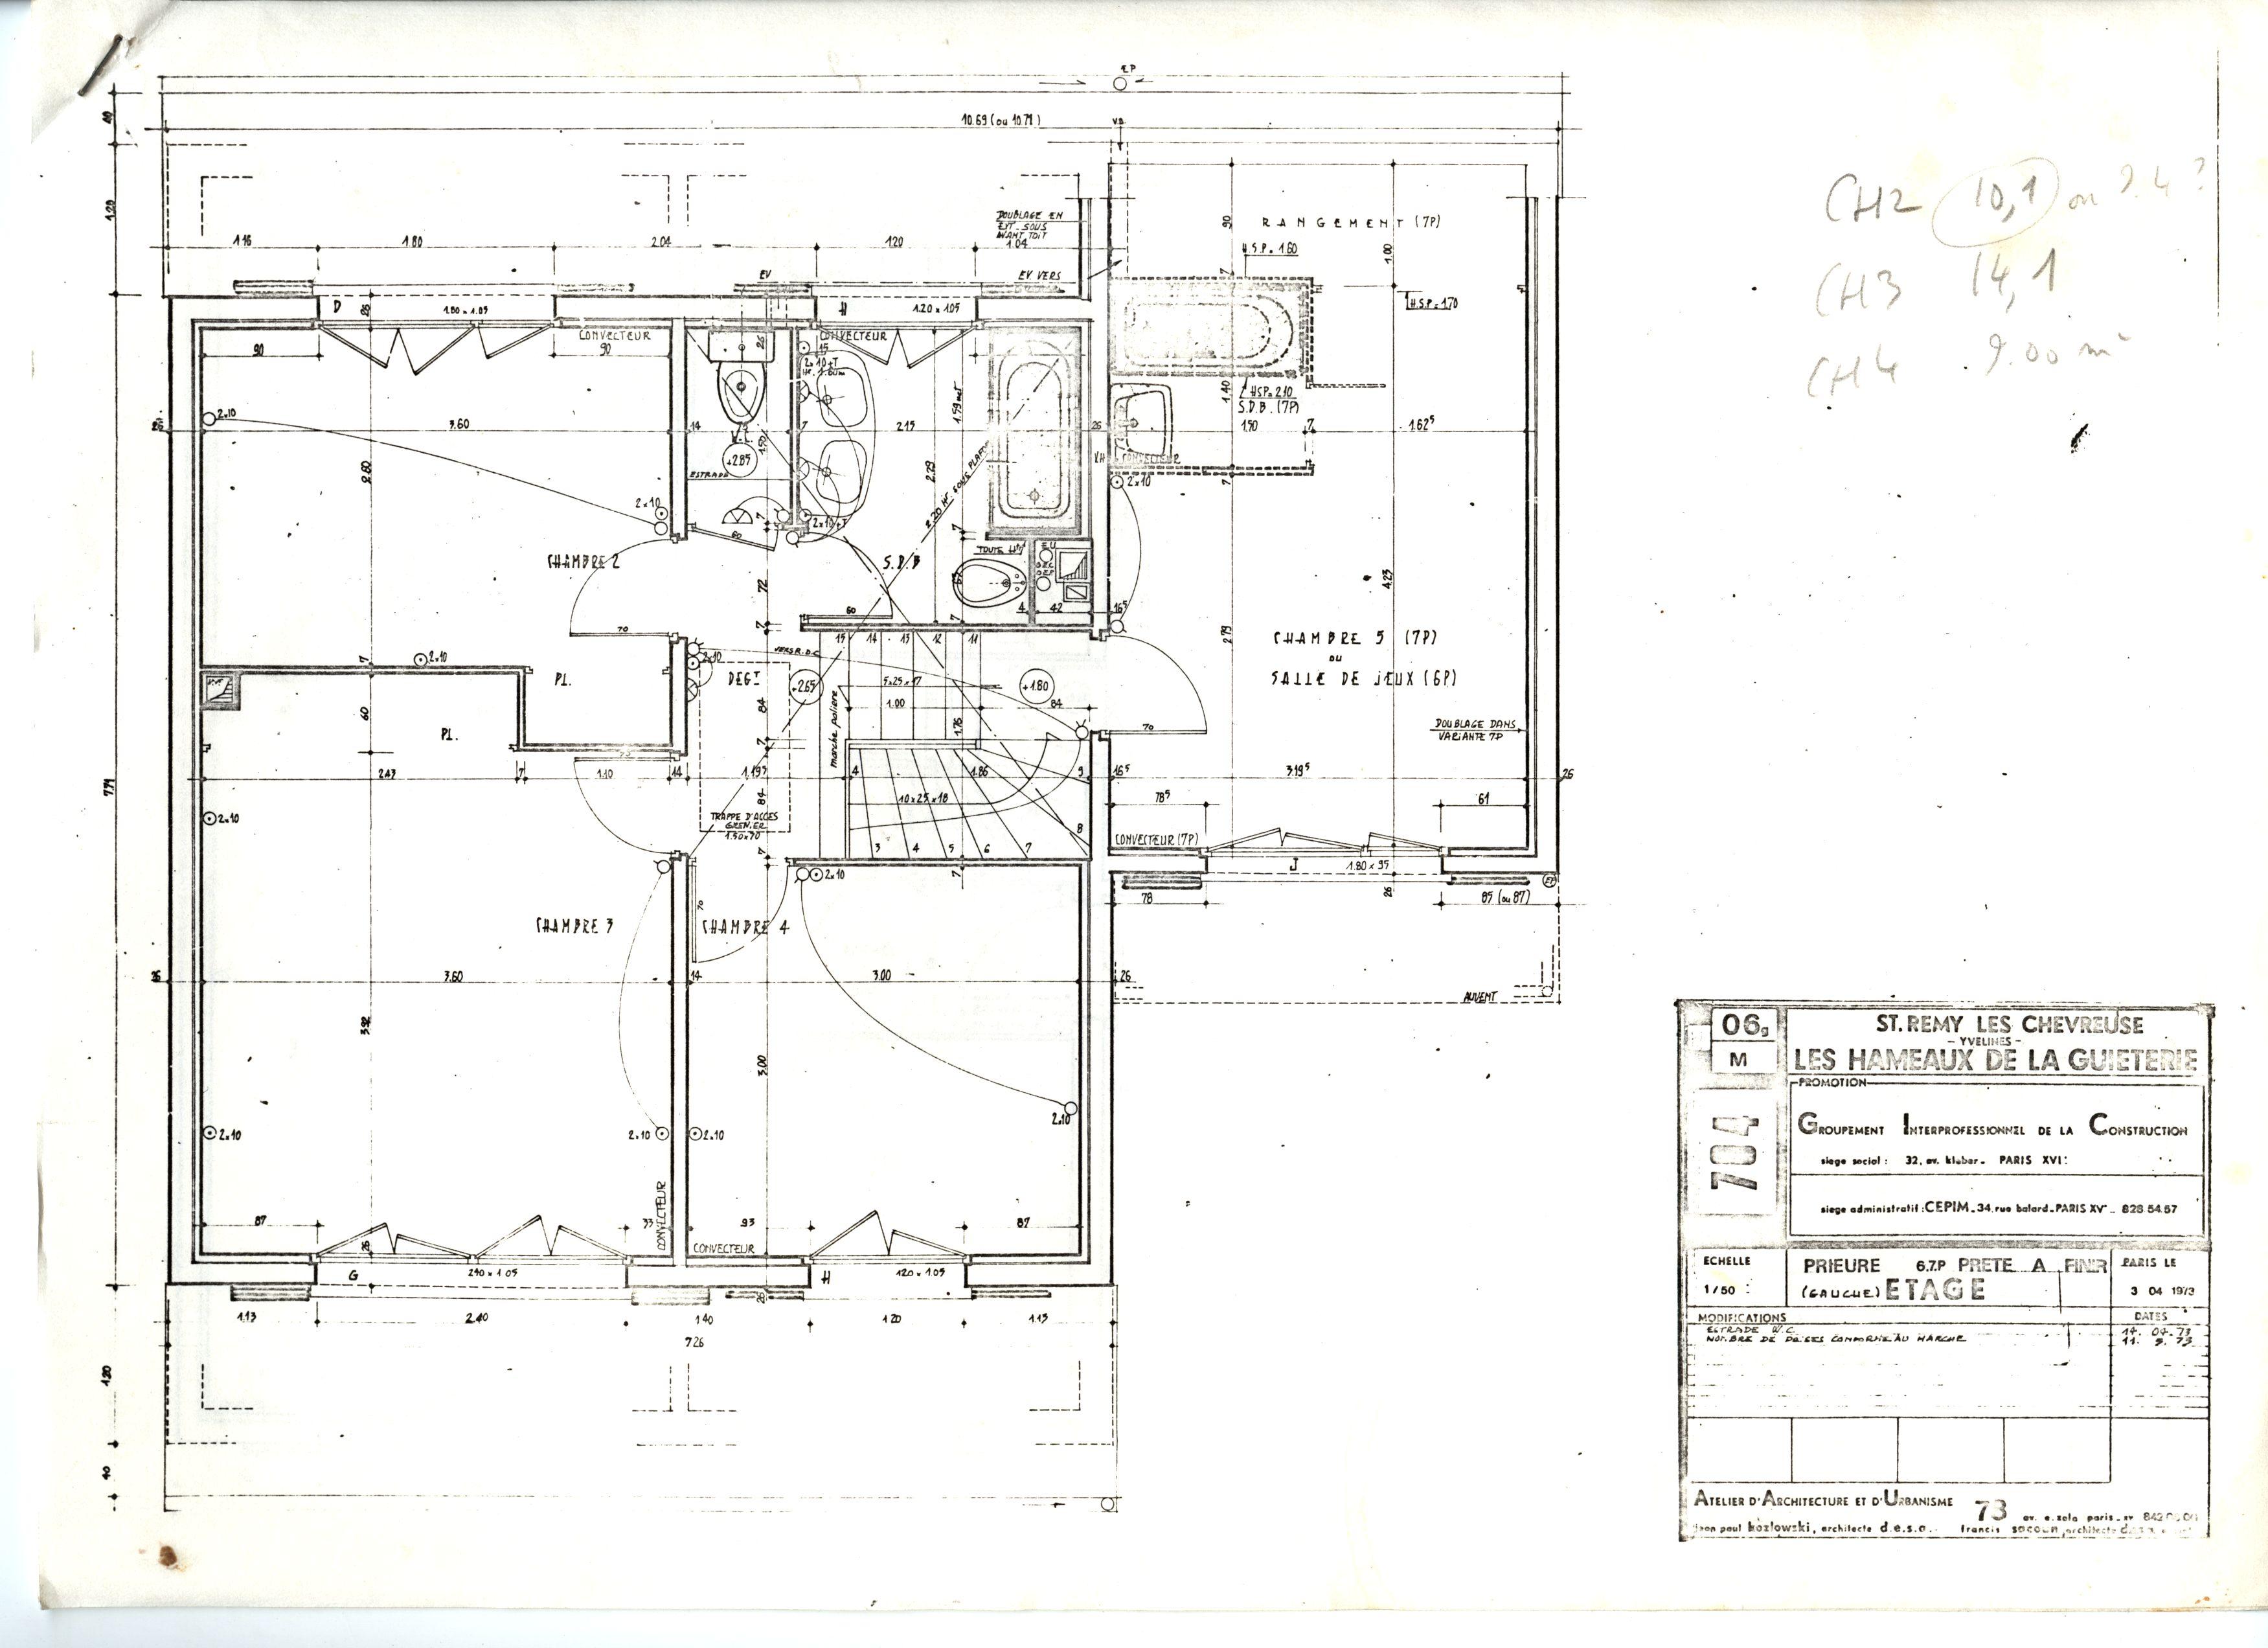 Maison chevreuse rdc et etage r sidence de la for Modifier plan maison